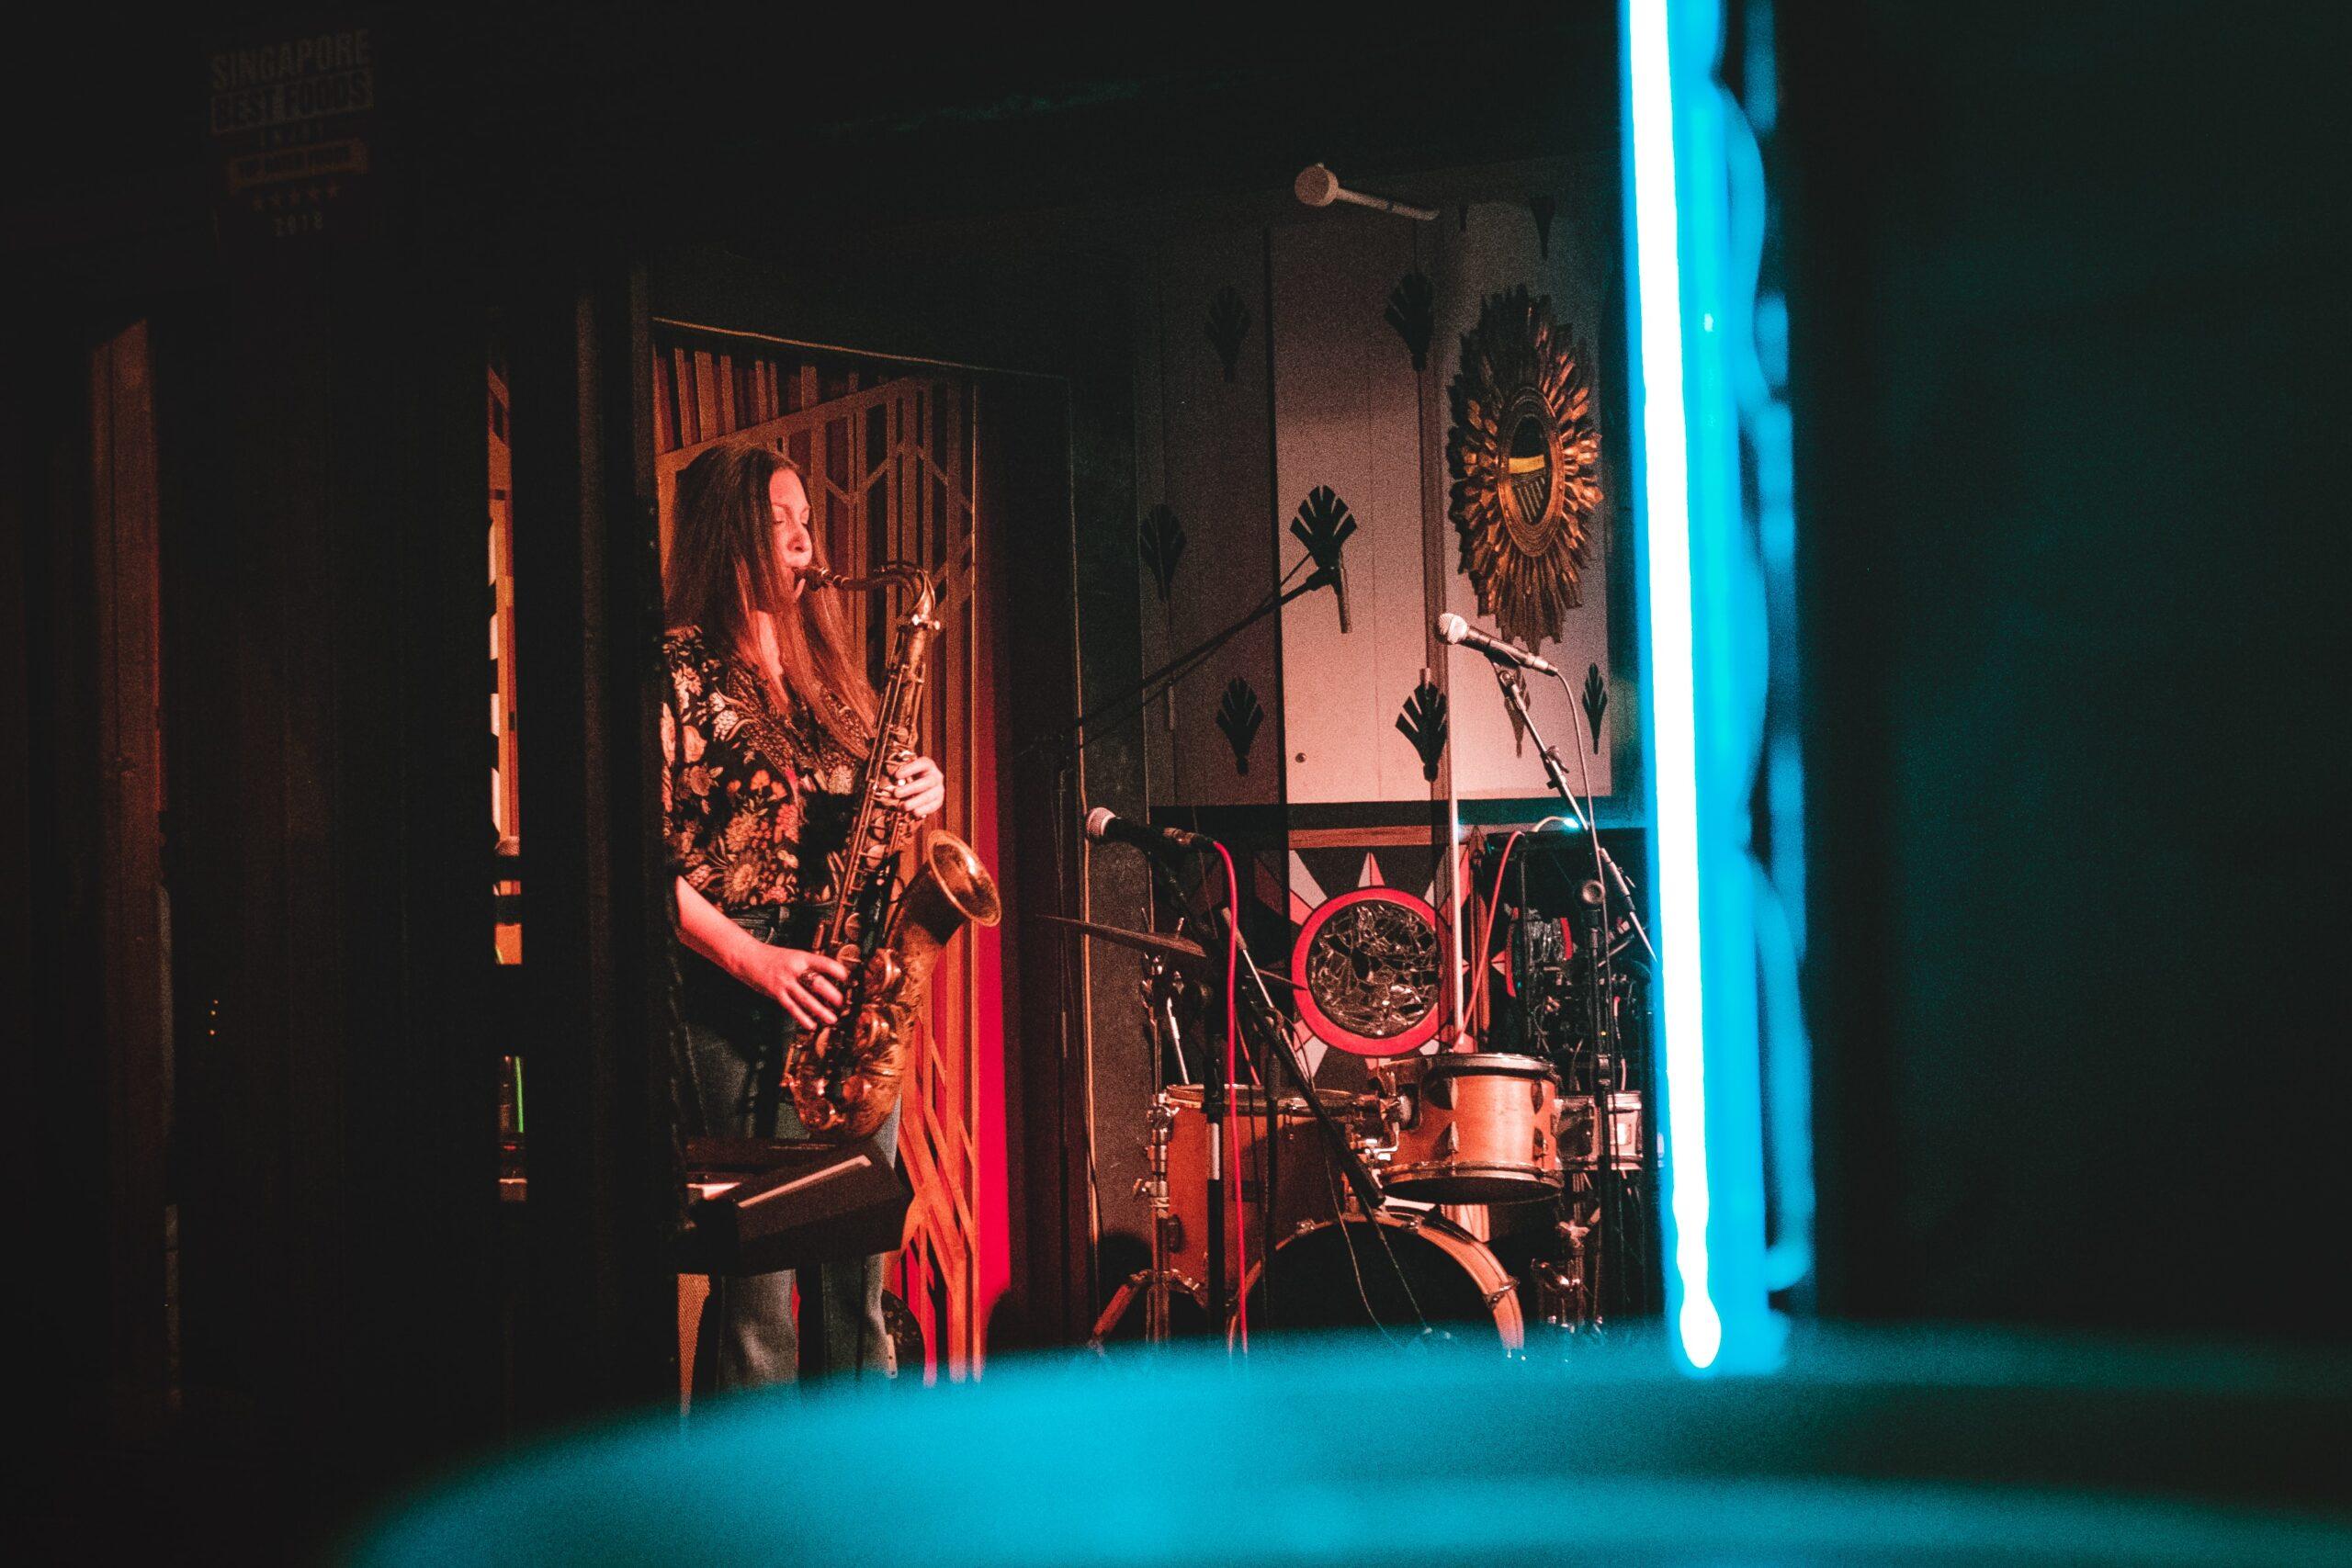 Concierto nocturno en un pub de Singapur